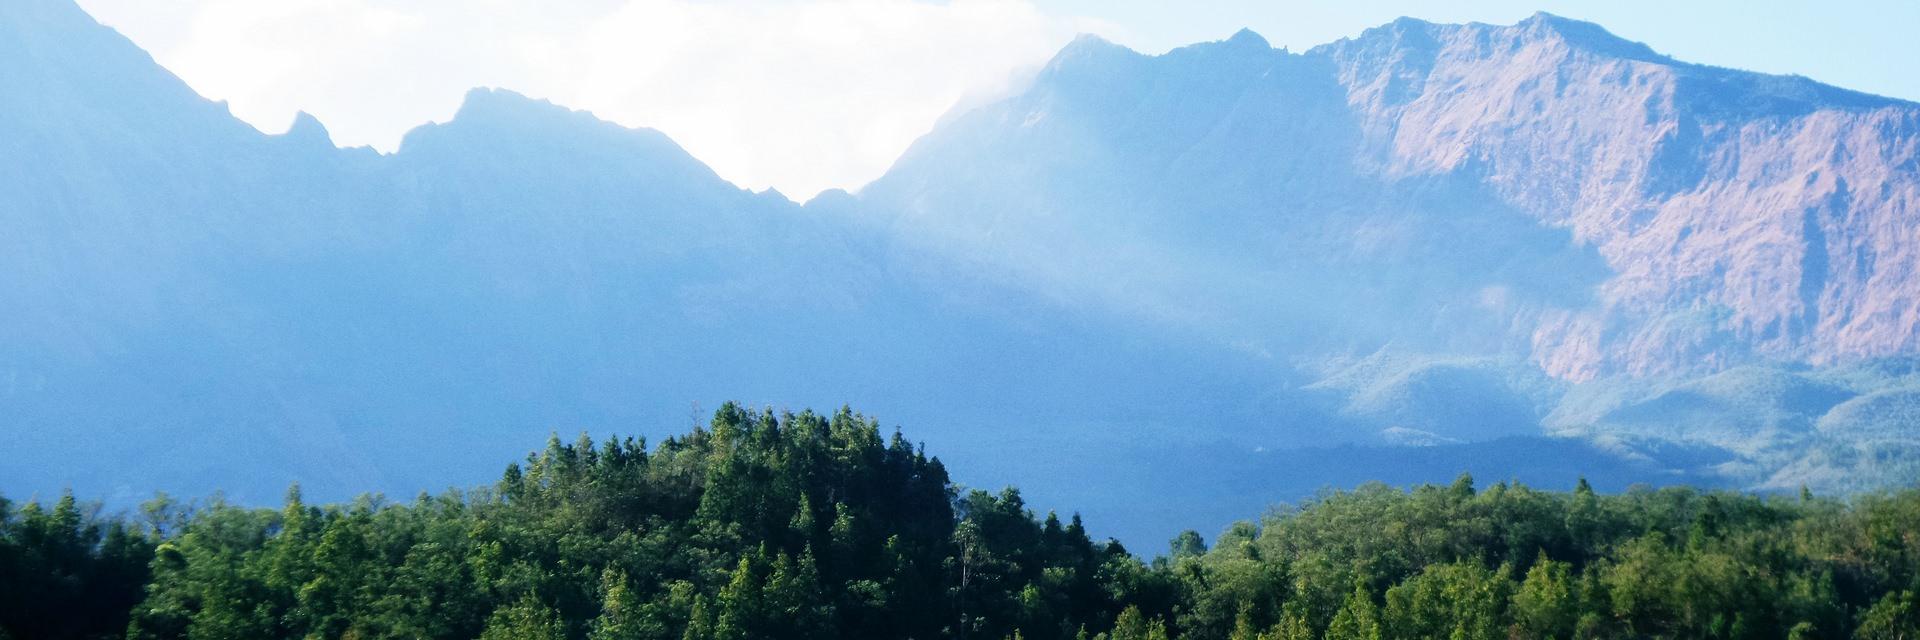 Puncak Lembah Ramma, Bukti Bahwa Tuhan Maha Segalanya Puncak Lembah Ramma Bukti Bahwa Tuhan Maha Segalanya - Dolan Dolen